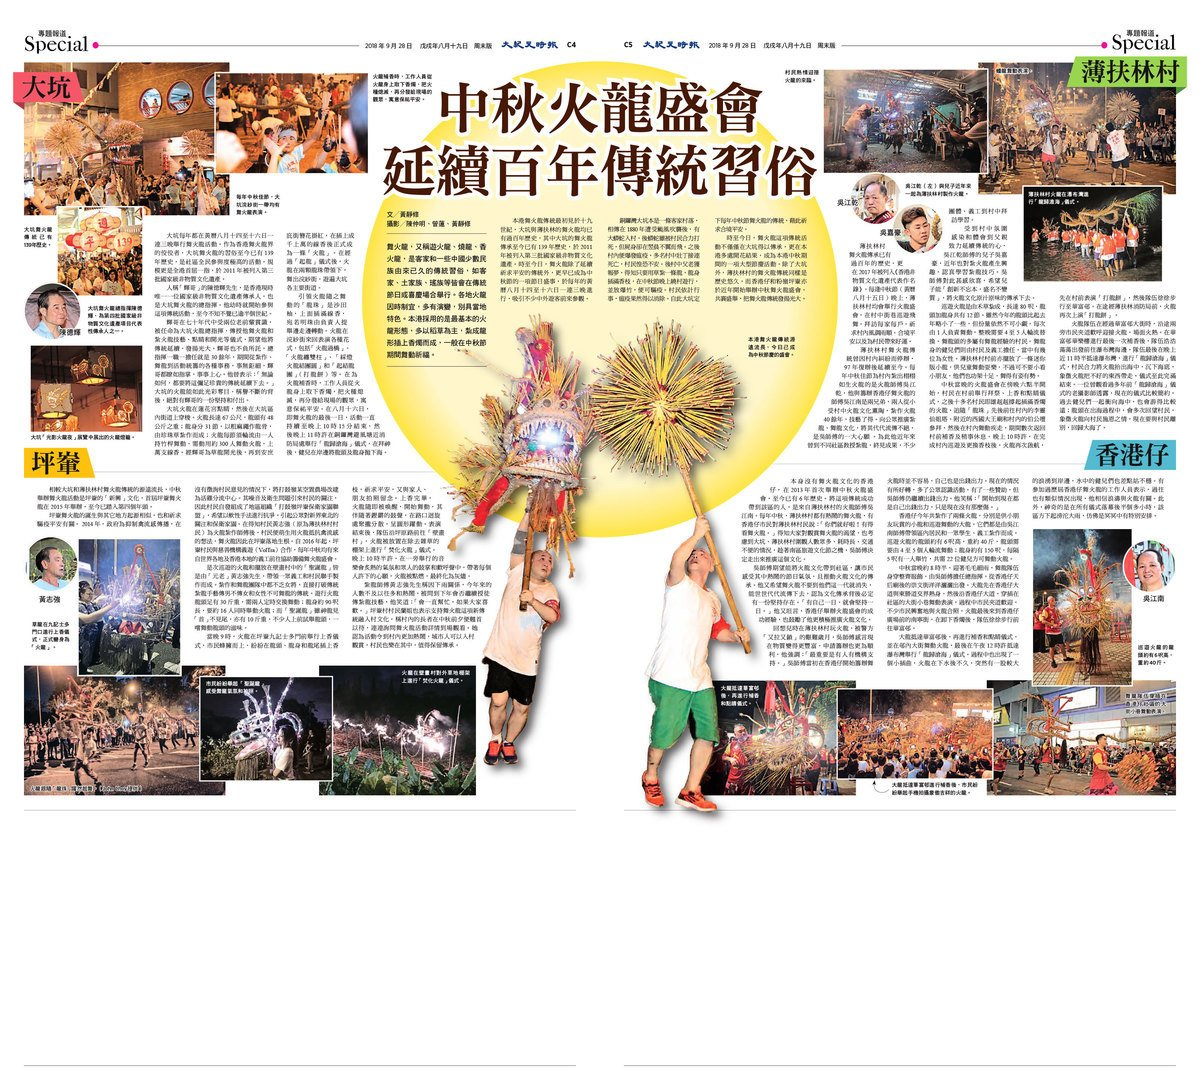 「中秋火龍盛會」專題報道。(大紀元)